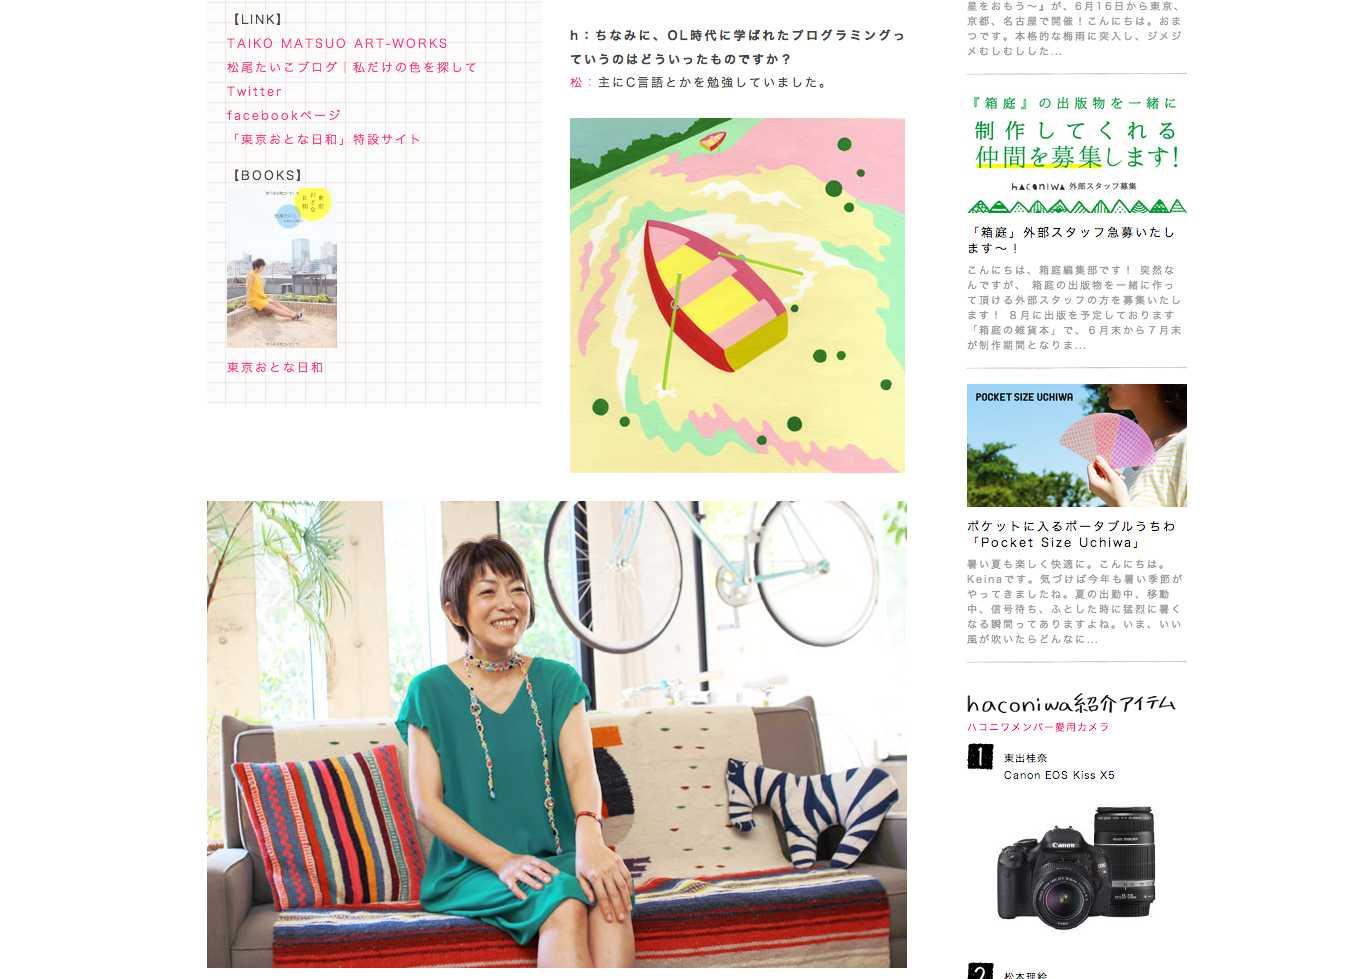 インタビュー記事読めます「32歳で一念発起!」第17回 松尾たいこ:箱庭webマガジン_d0339885_13061121.png